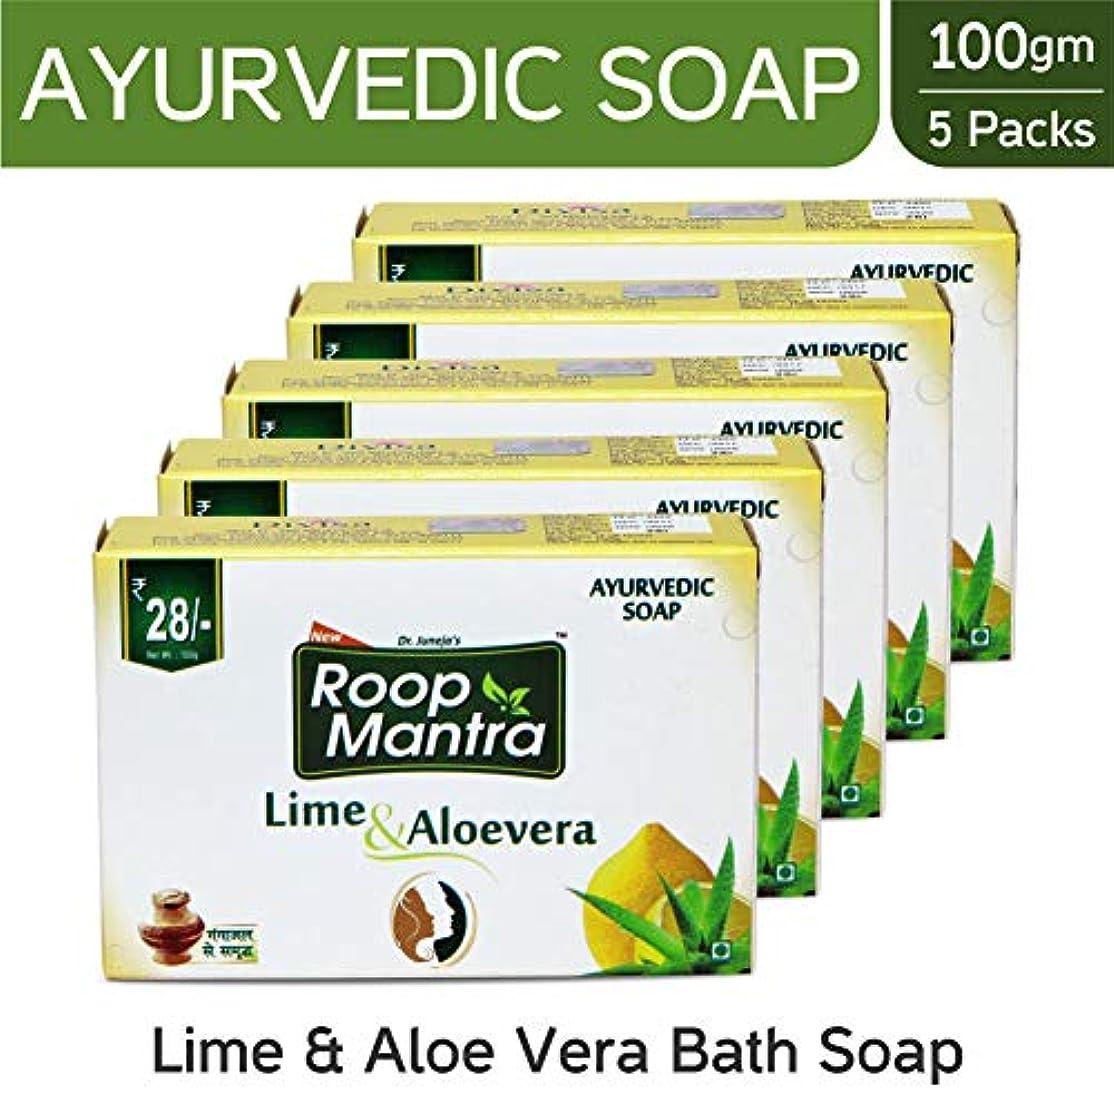 フリル上げる法令Roop Mantra Ayurvedic Bath Soap, Lime and Aloevera, 100g (Pack of 5)